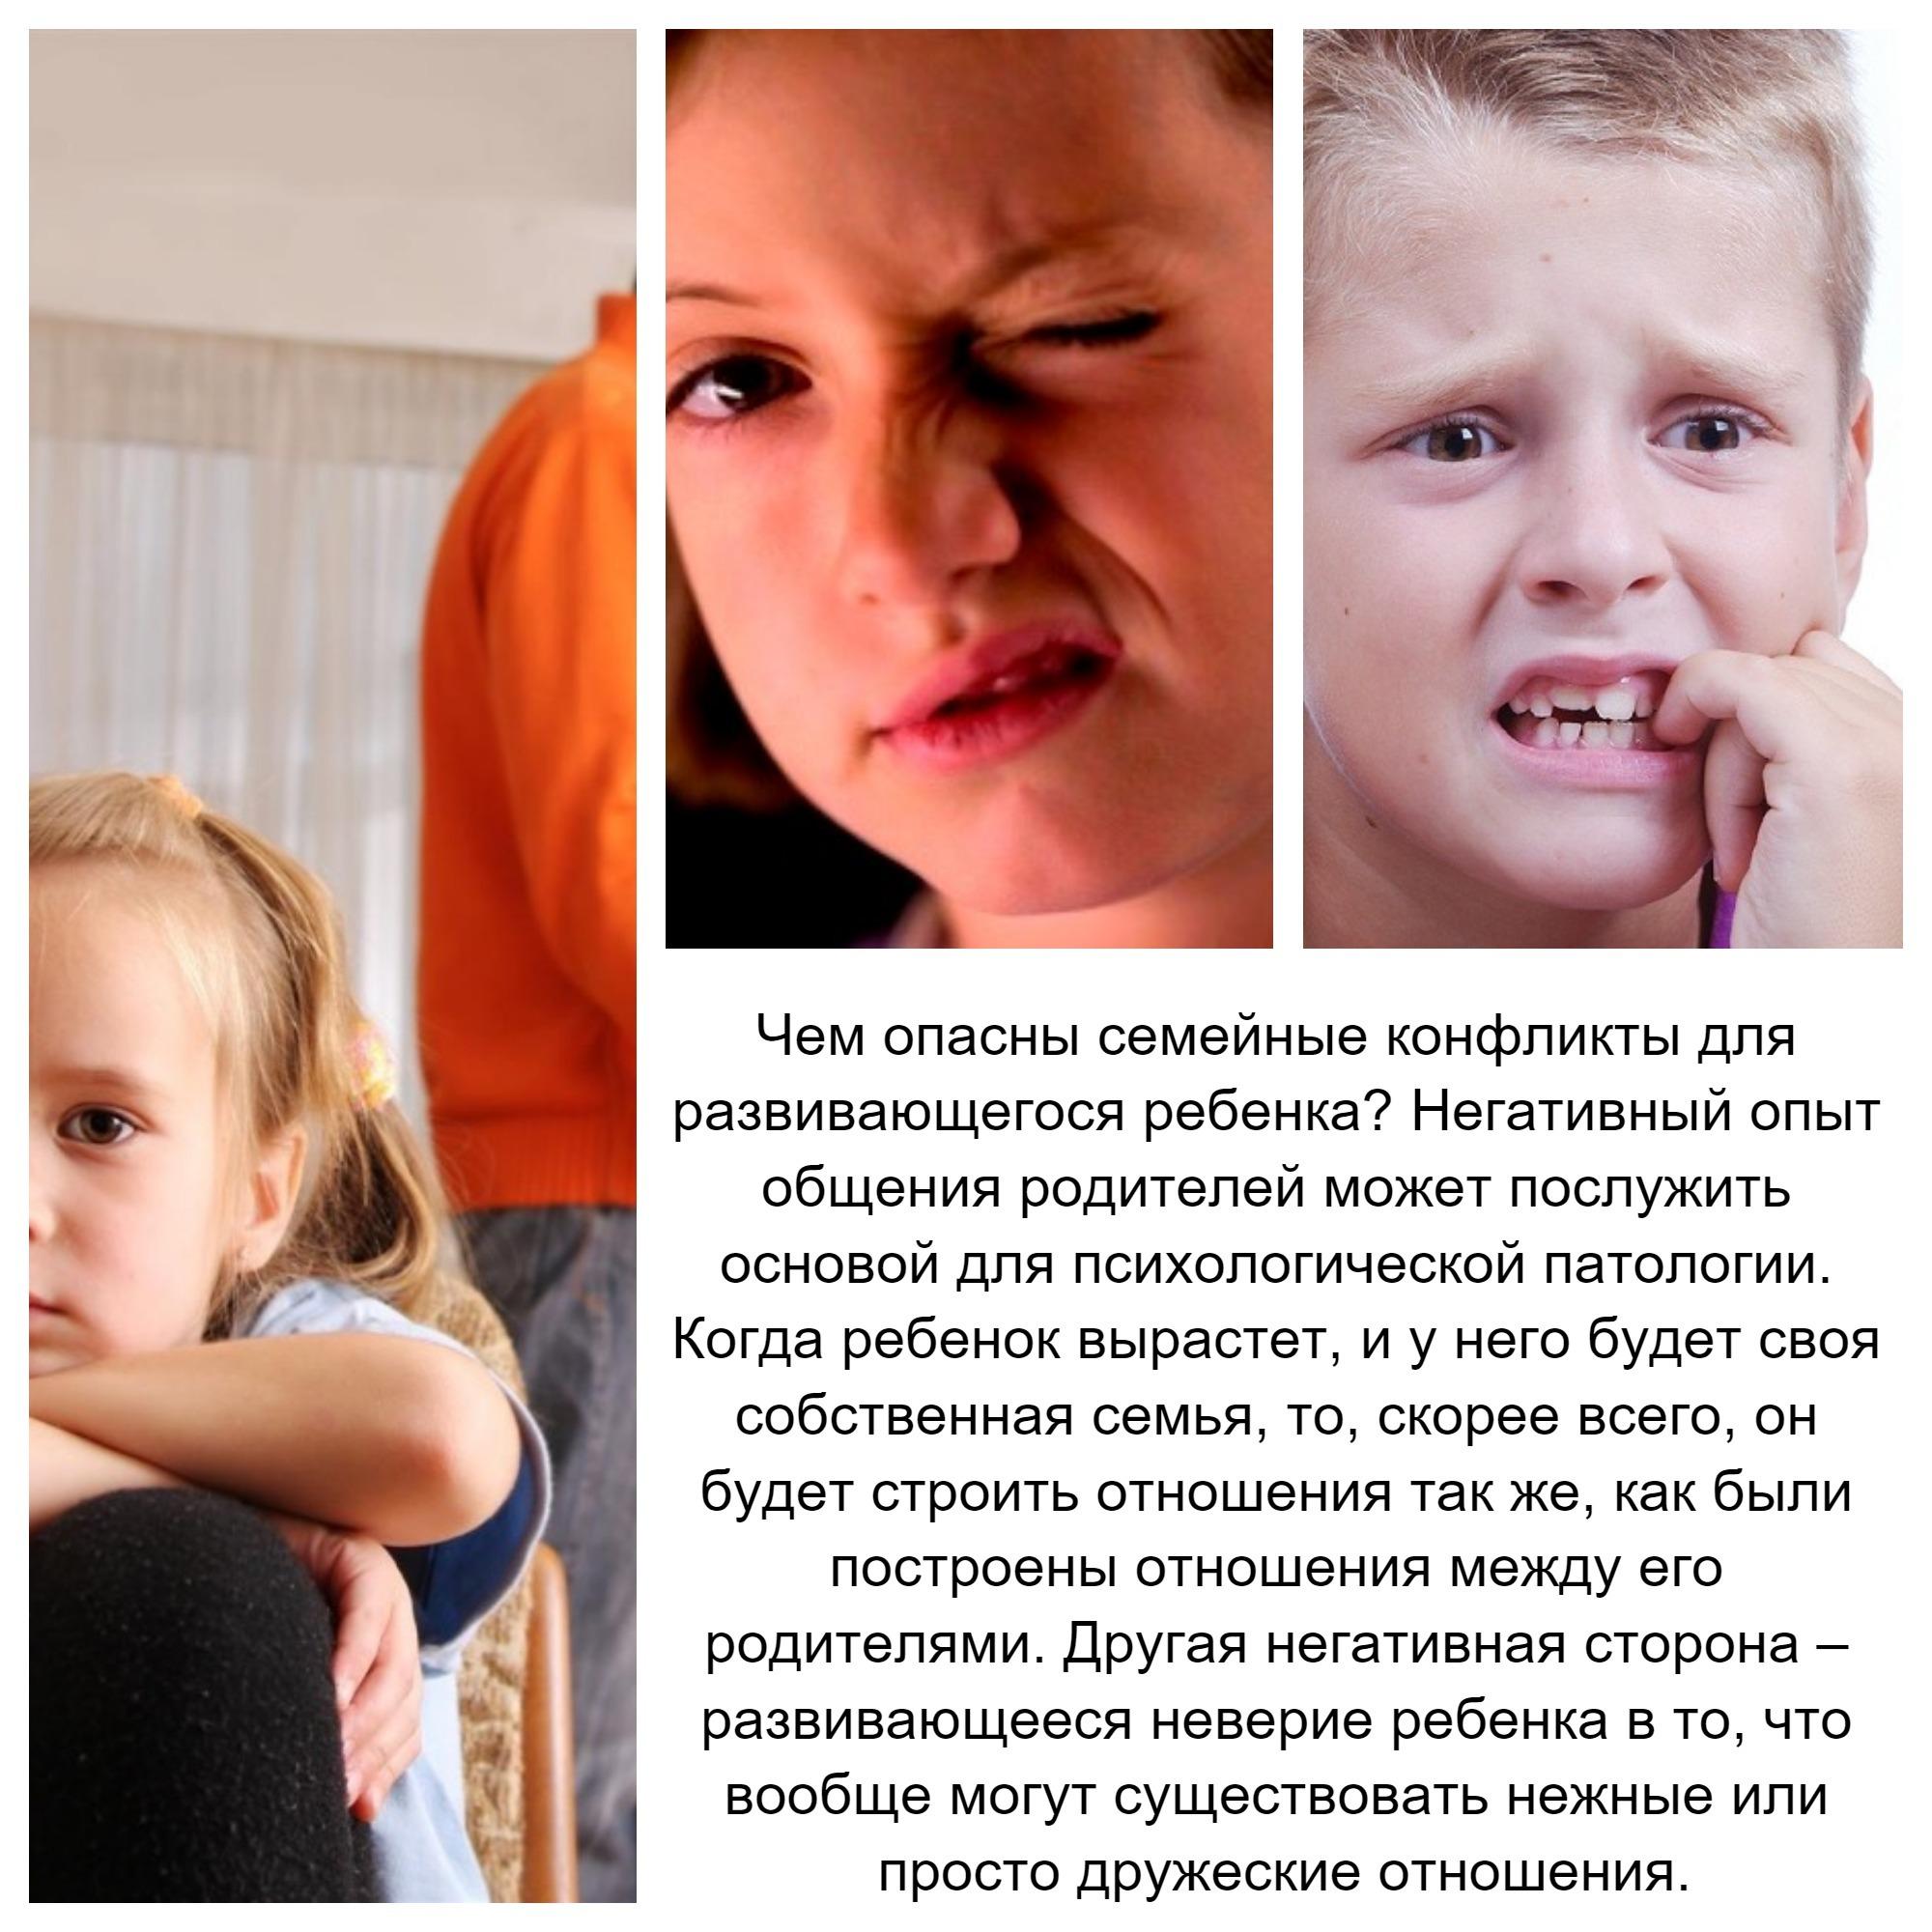 Чем опасны семейные конфликты для развивающегося ребенка